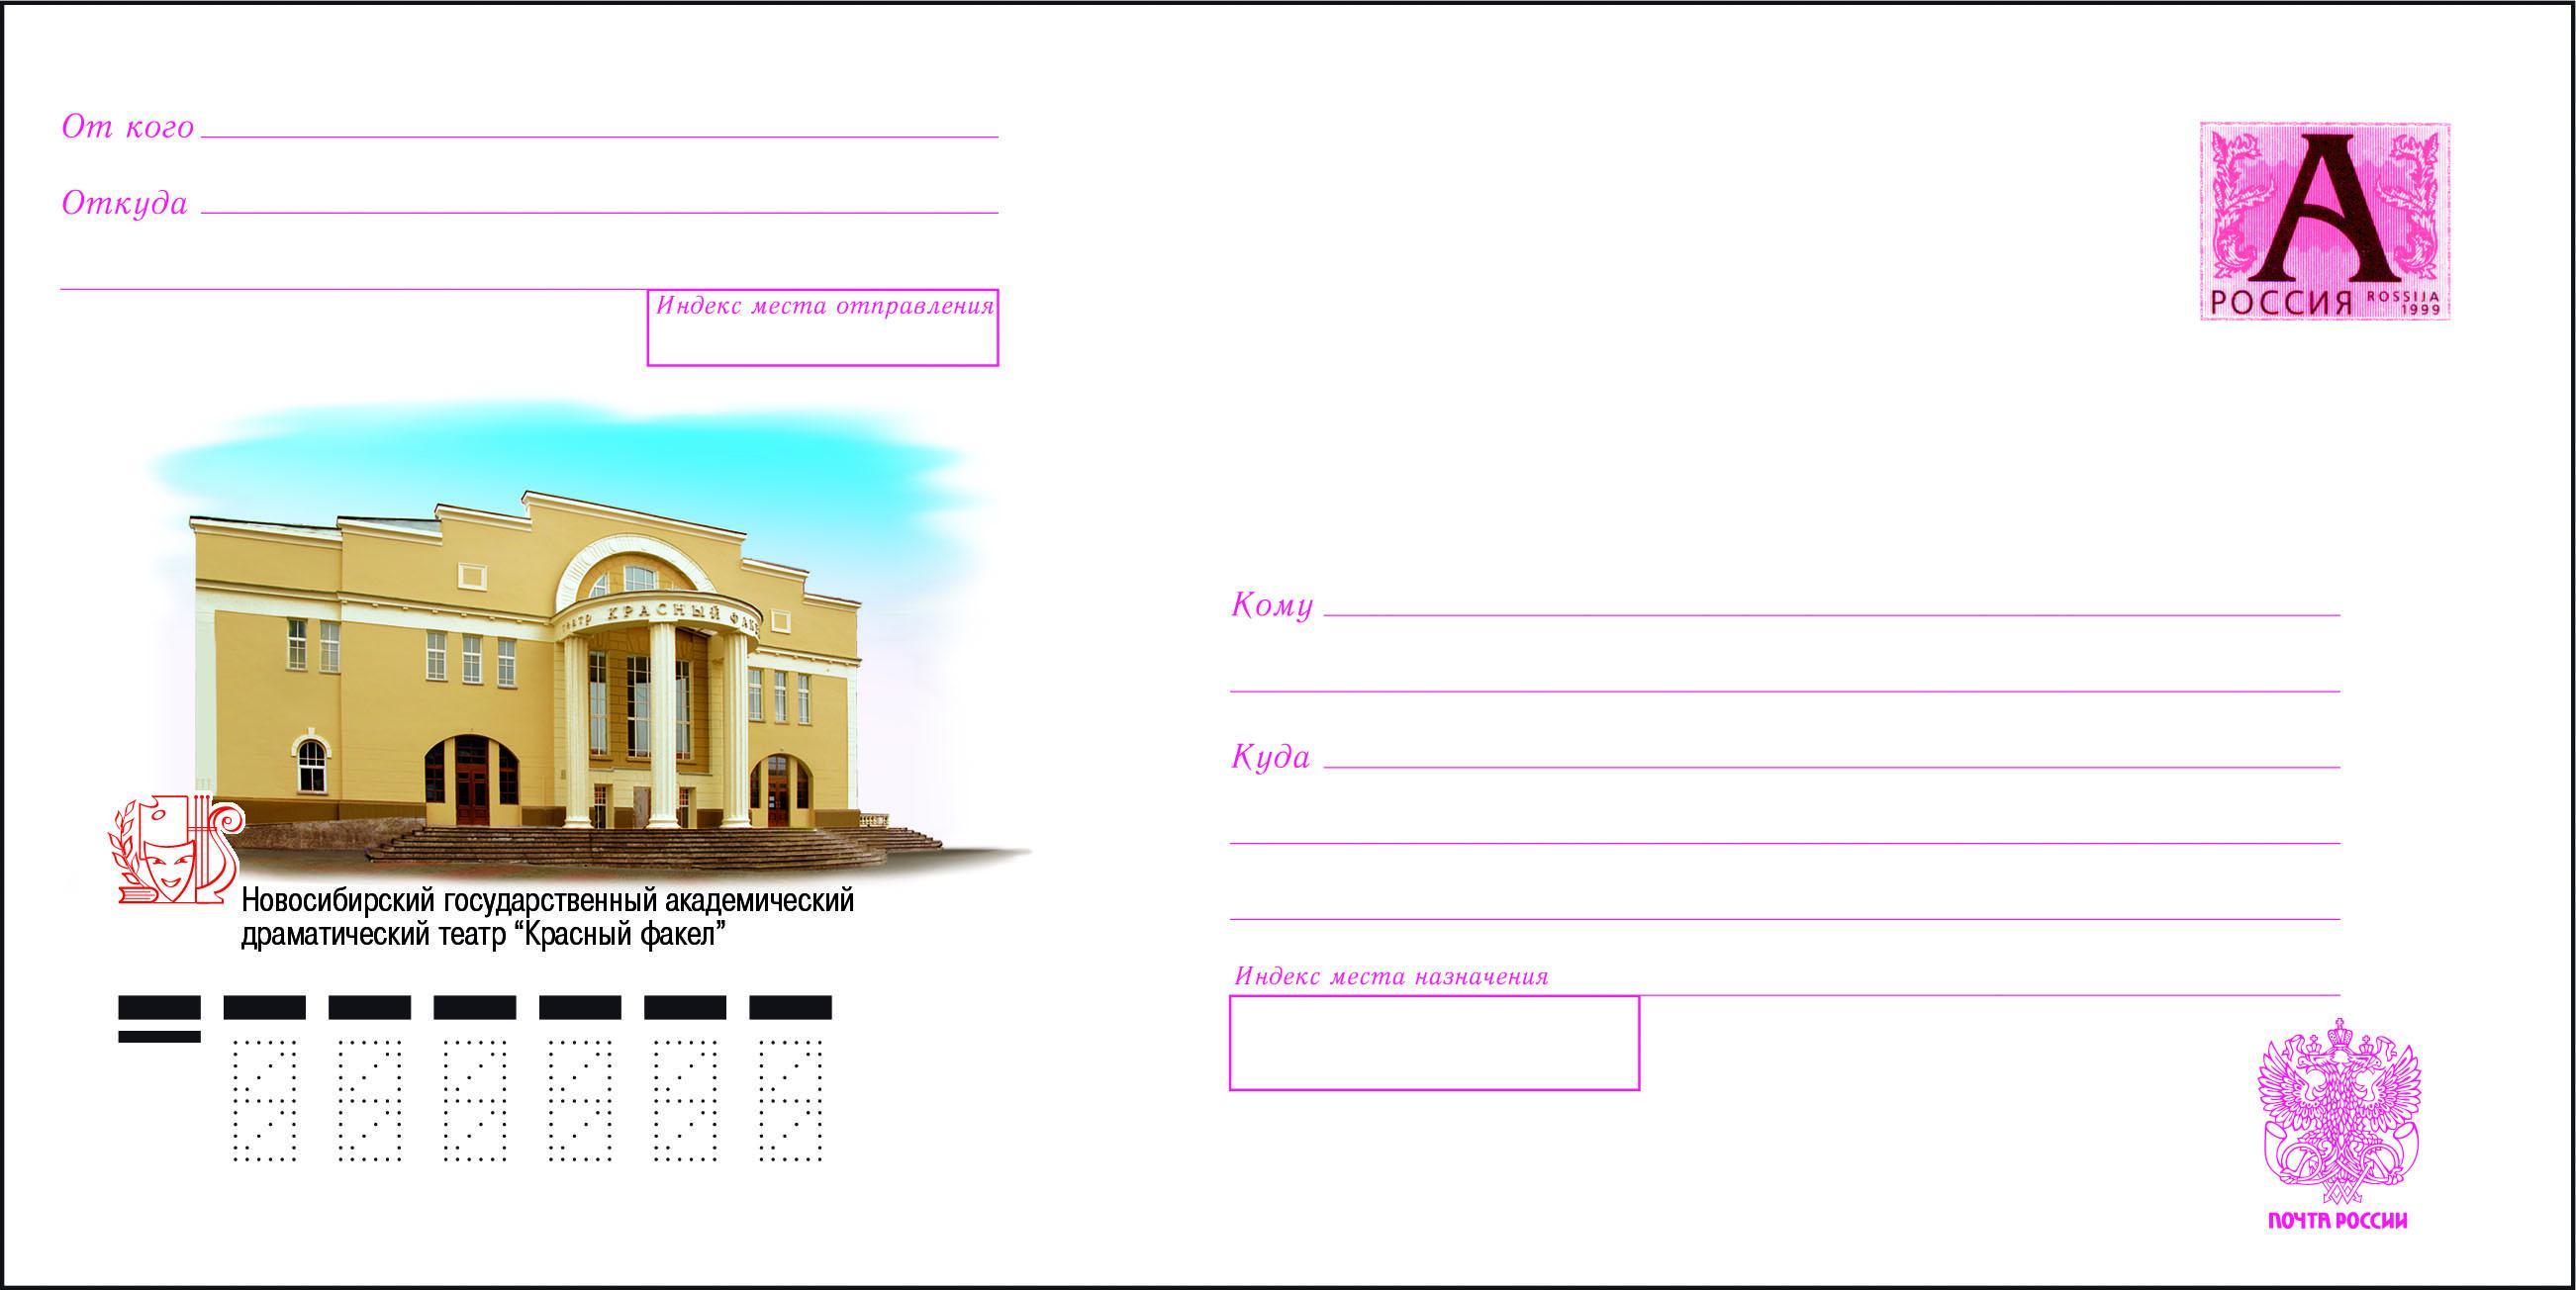 """Коллекция конвертов """" Страница 15 """" Картины, художники, фотографы на Nevsepic"""